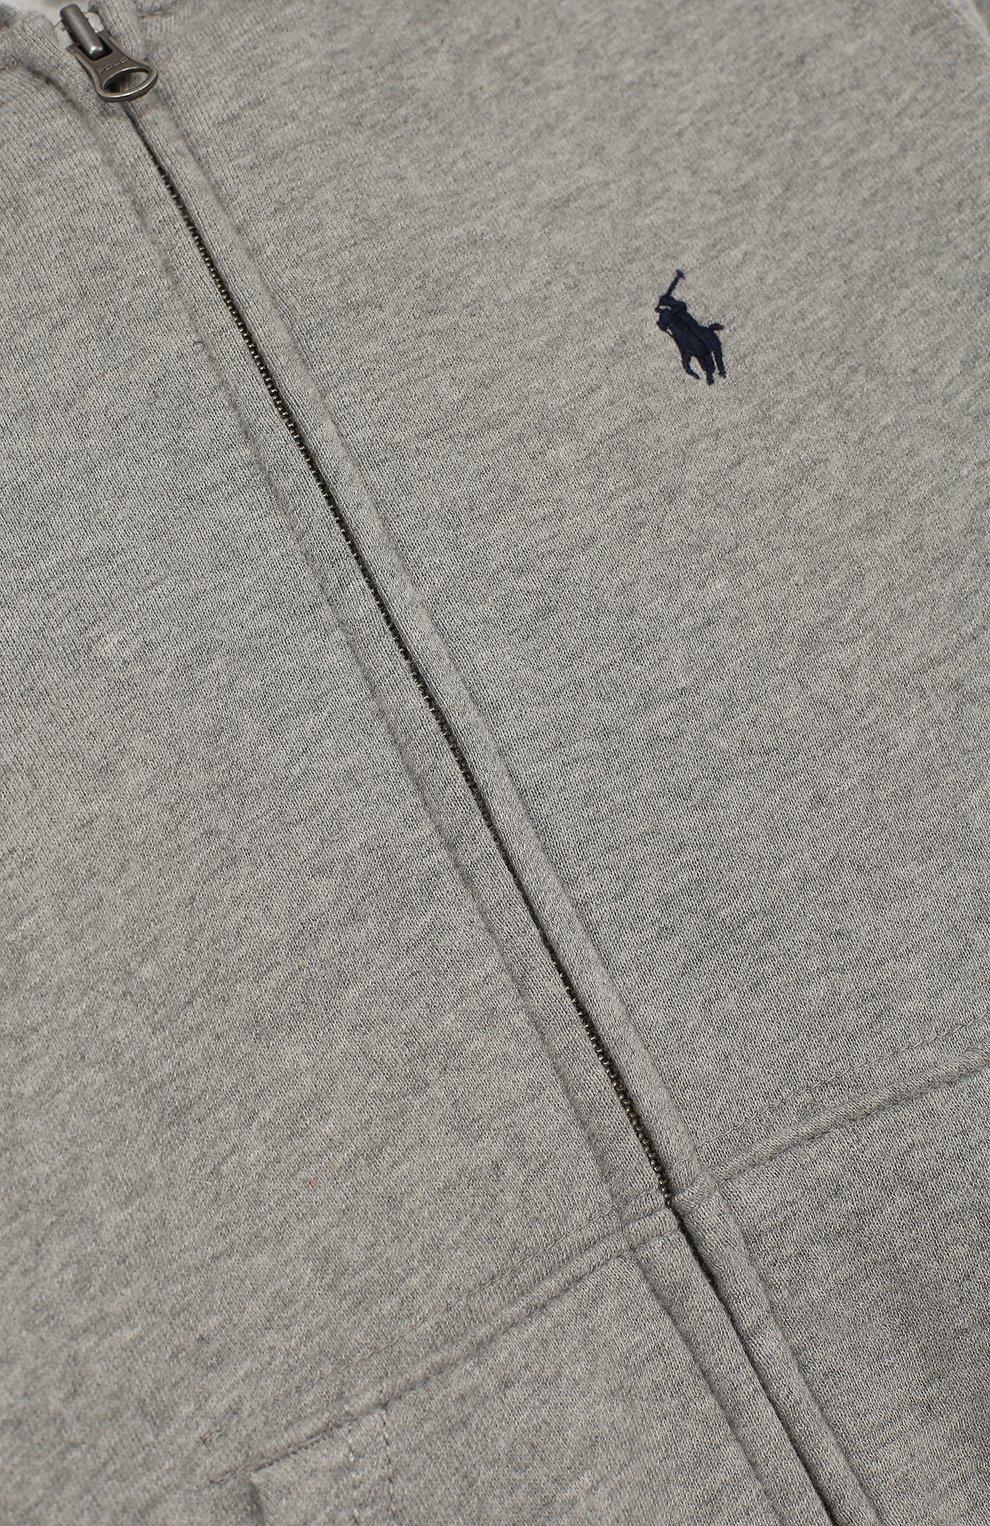 Спортивный кардиган с капюшоном | Фото №3